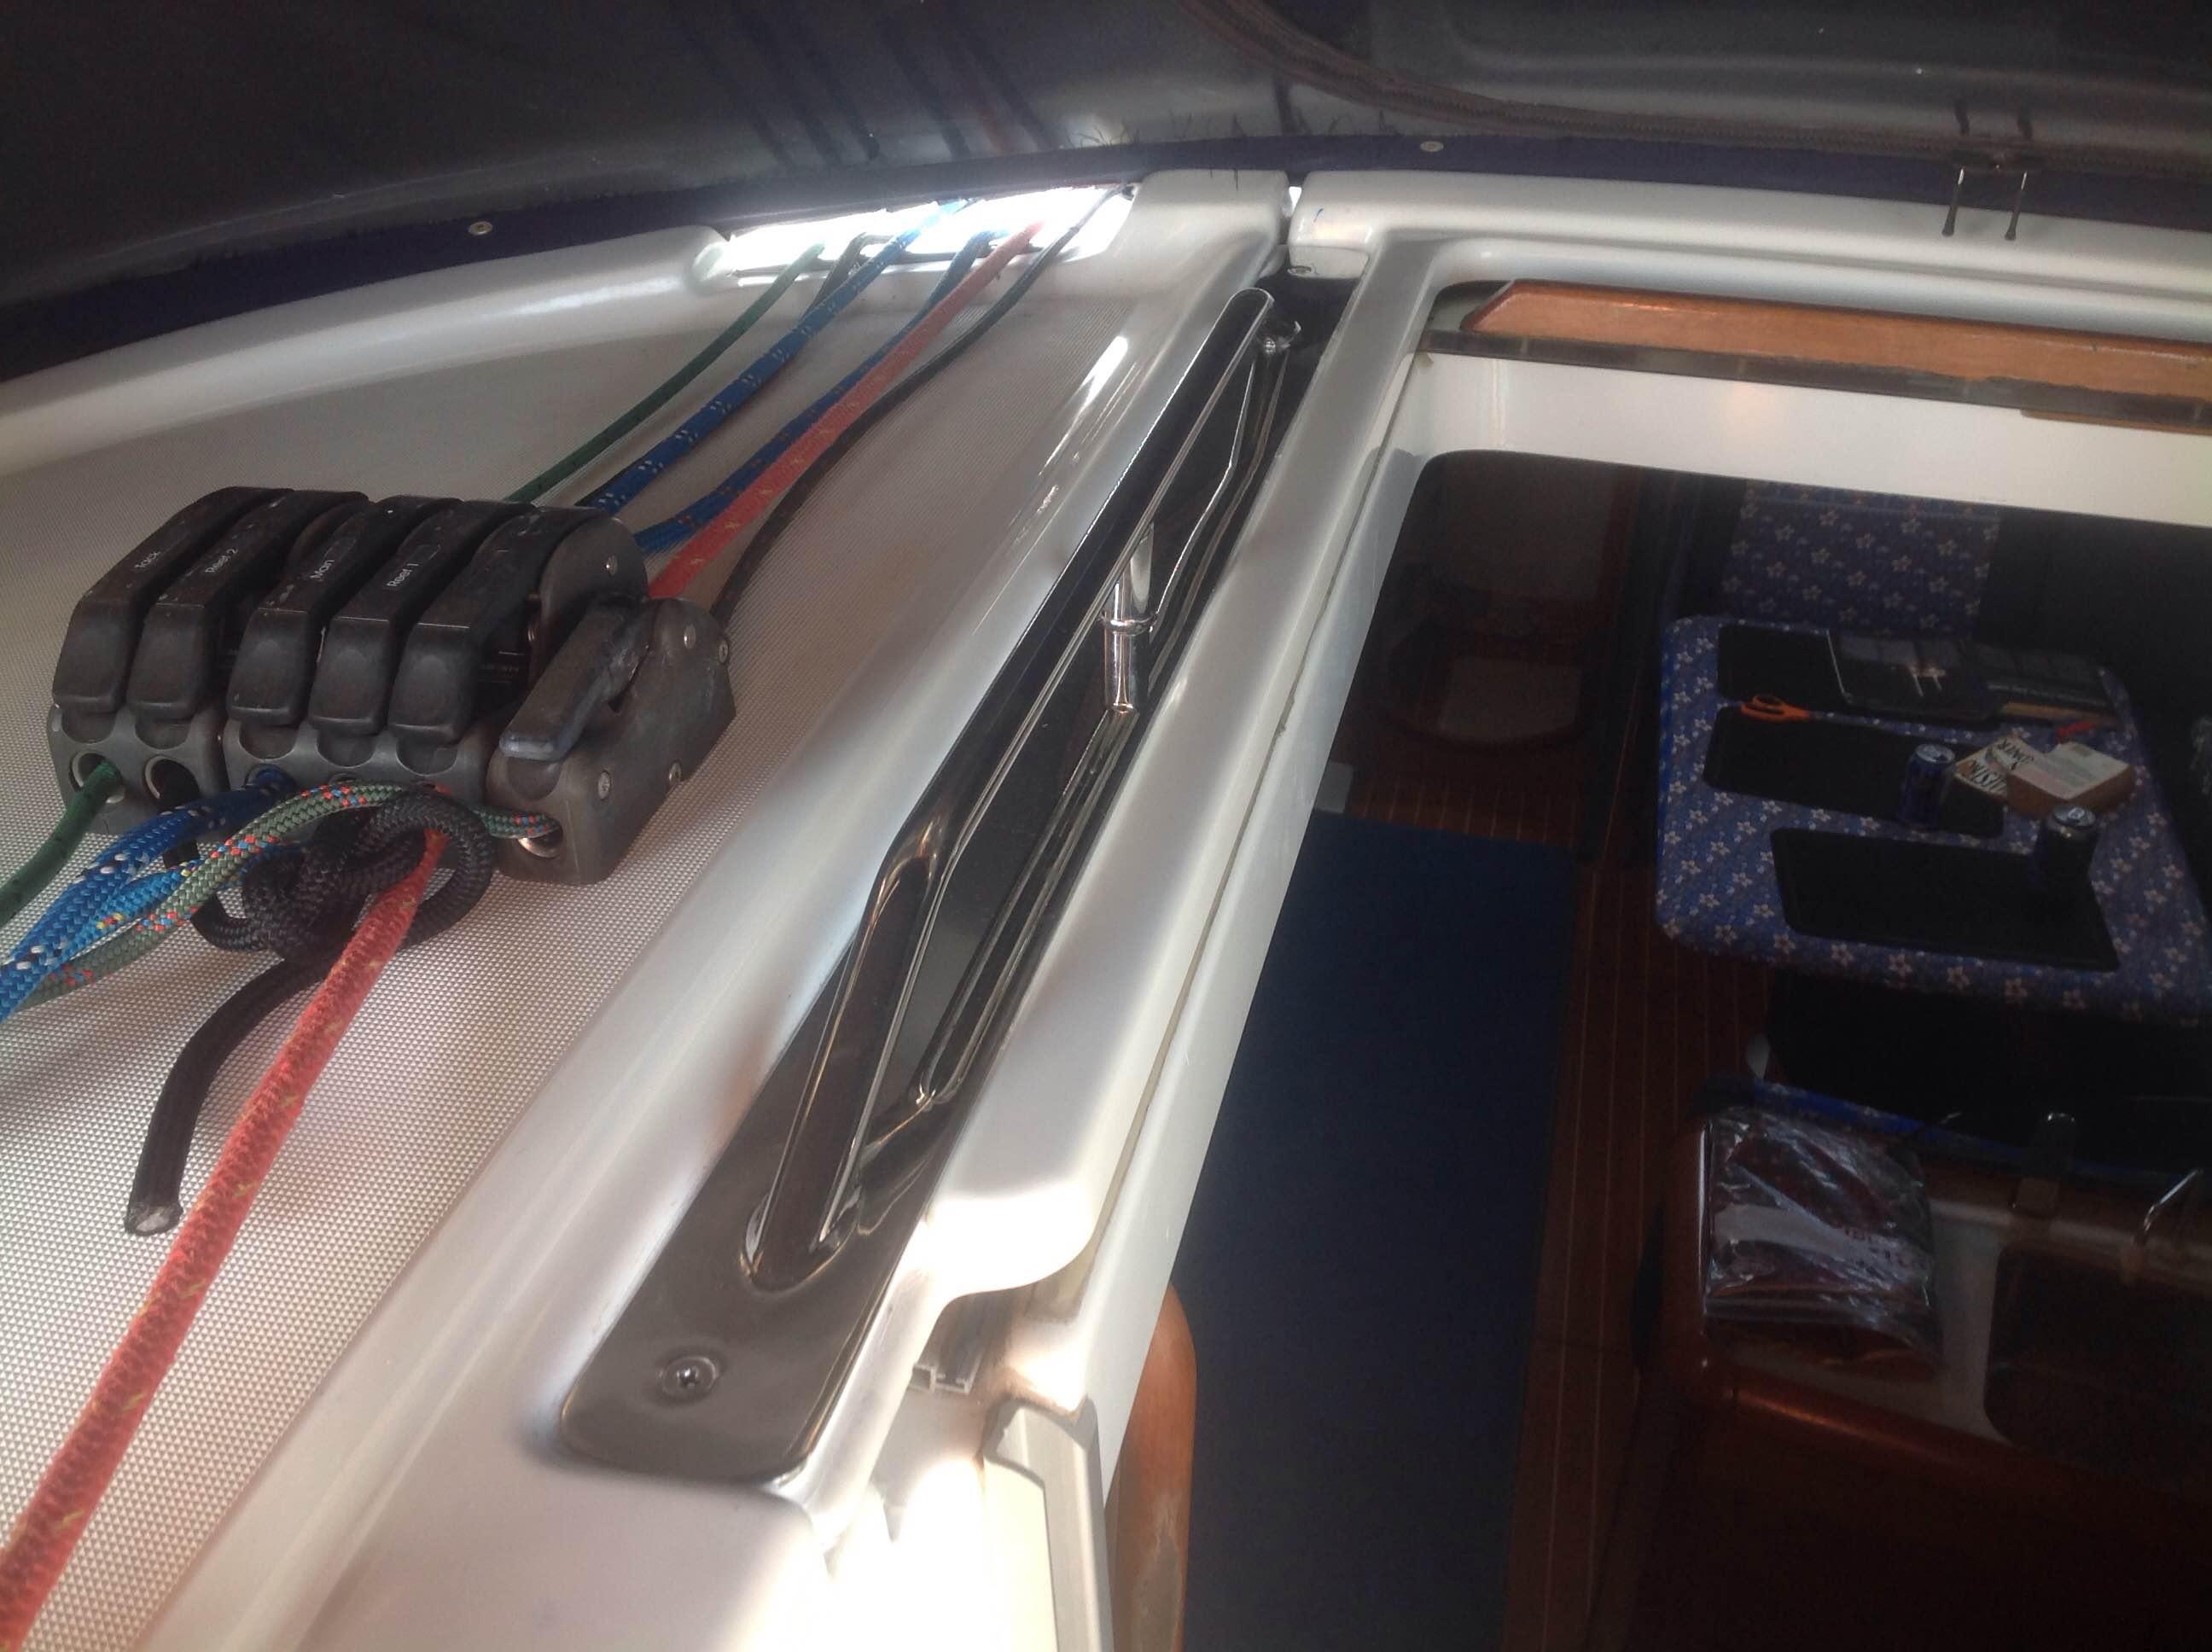 Sun Odyssey 40.3 Handrails - Jeanneau Owners Network